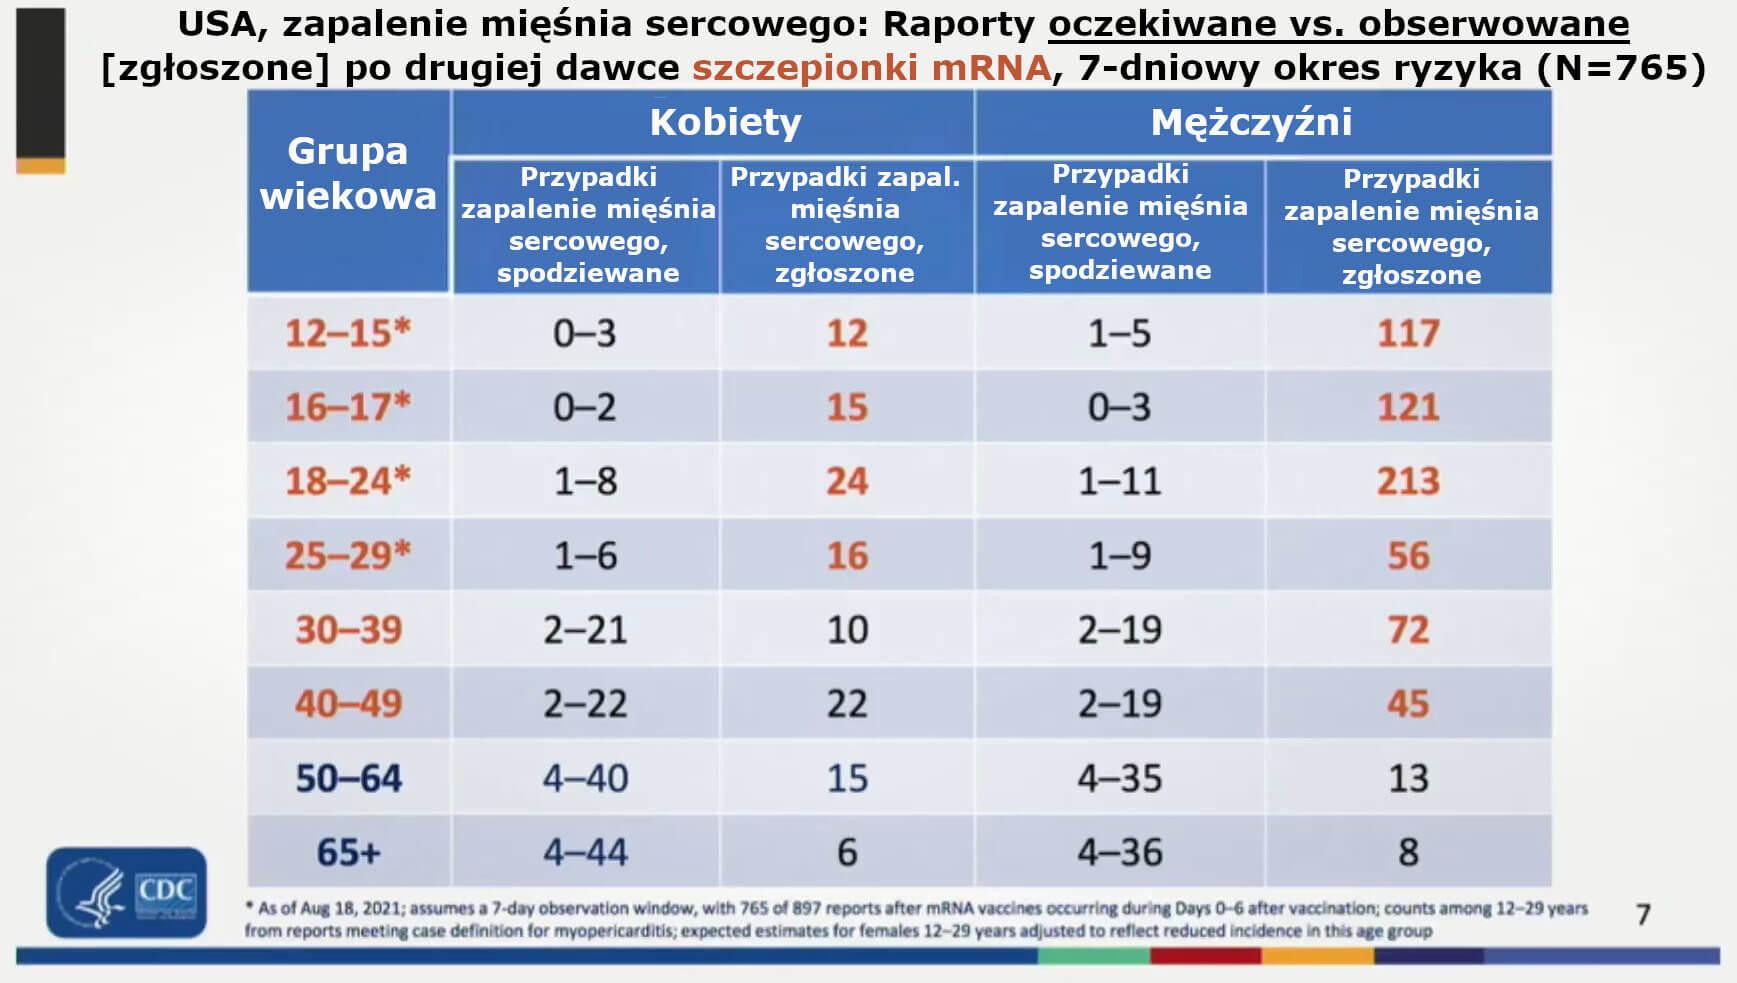 Zapalenie mięśnia sercowego po szczepionkach mRNA na C-19. Raporty oczekiwane vs. obserwowane po drugiej dawce szczepionki